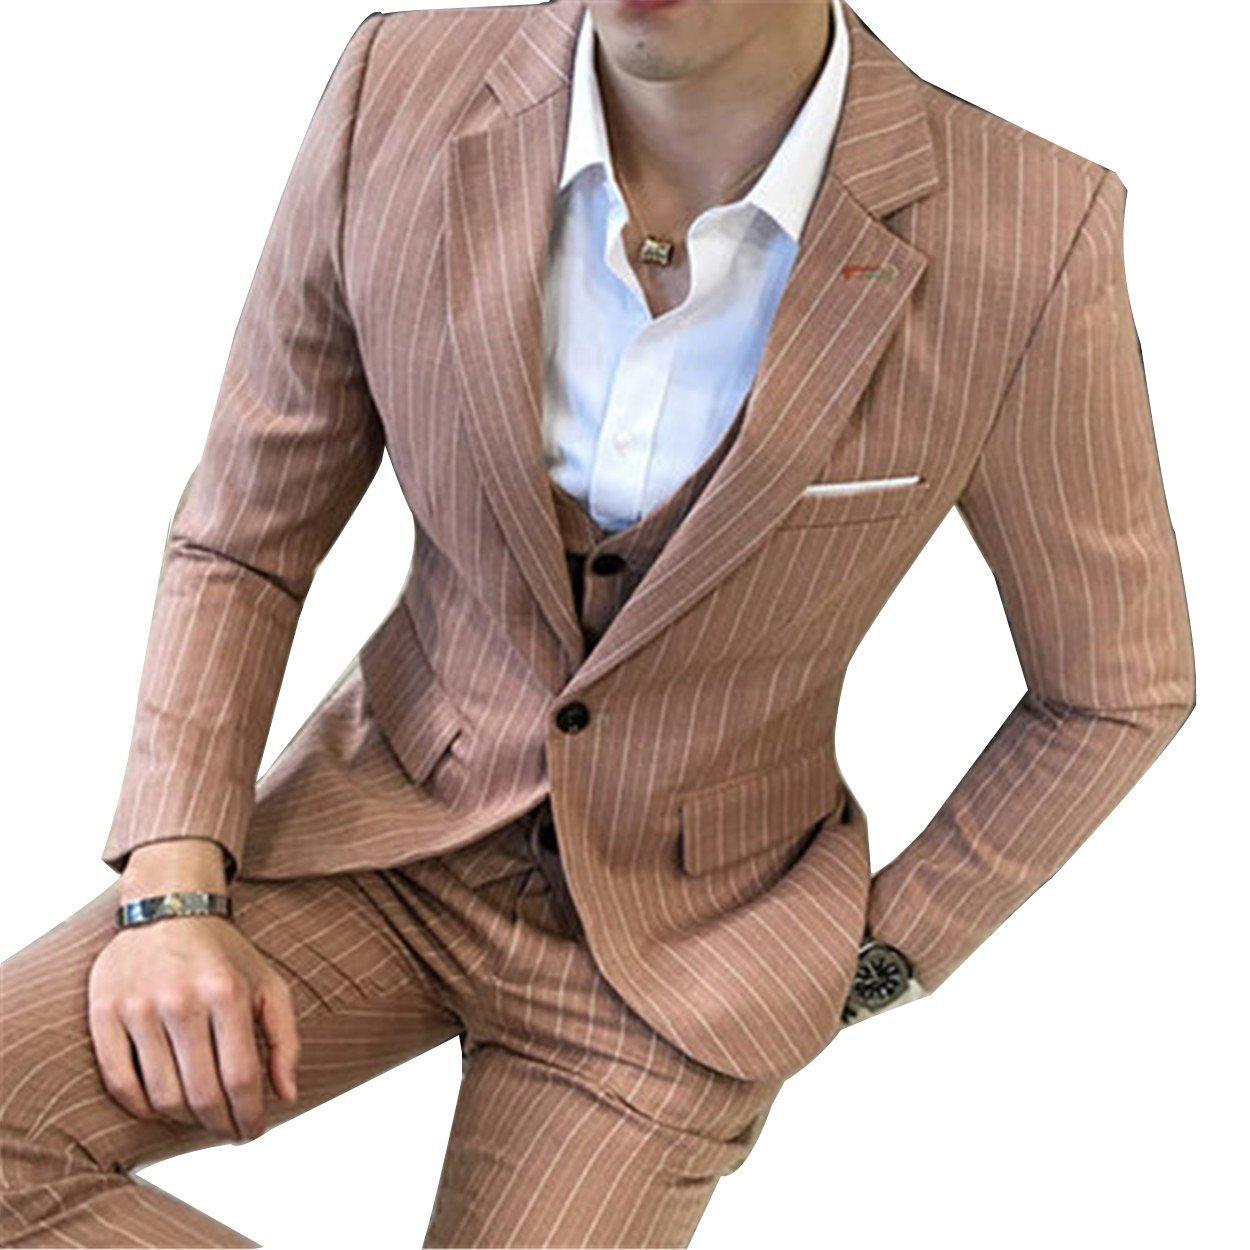 スリーピーススーツ メンズ ビジネススーツ 3点セット 全5色 スーツセットアップ カジュアルスーツ 結婚式 二次会 入学式 卒業式 B0732W1W4P XXXXX-Large|カーキ カーキ XXXXX-Large